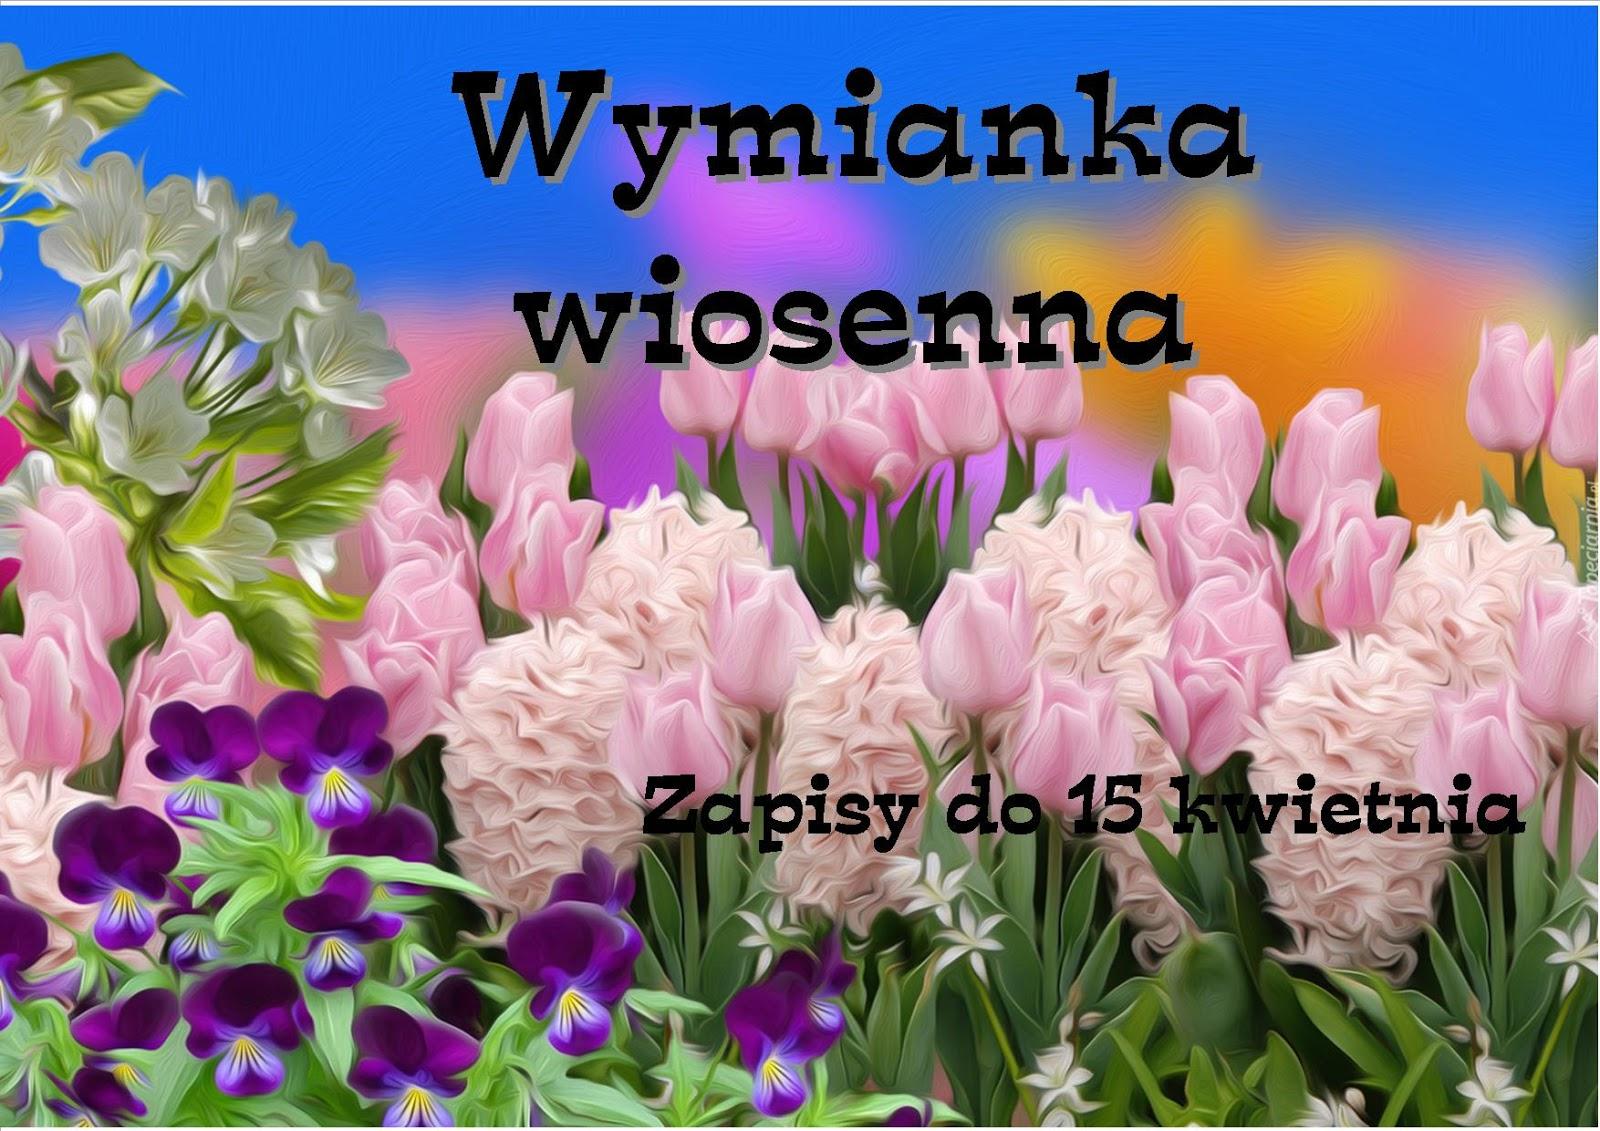 Wymianka Wiosenna w Krzyżykowym Szaleństwie :)